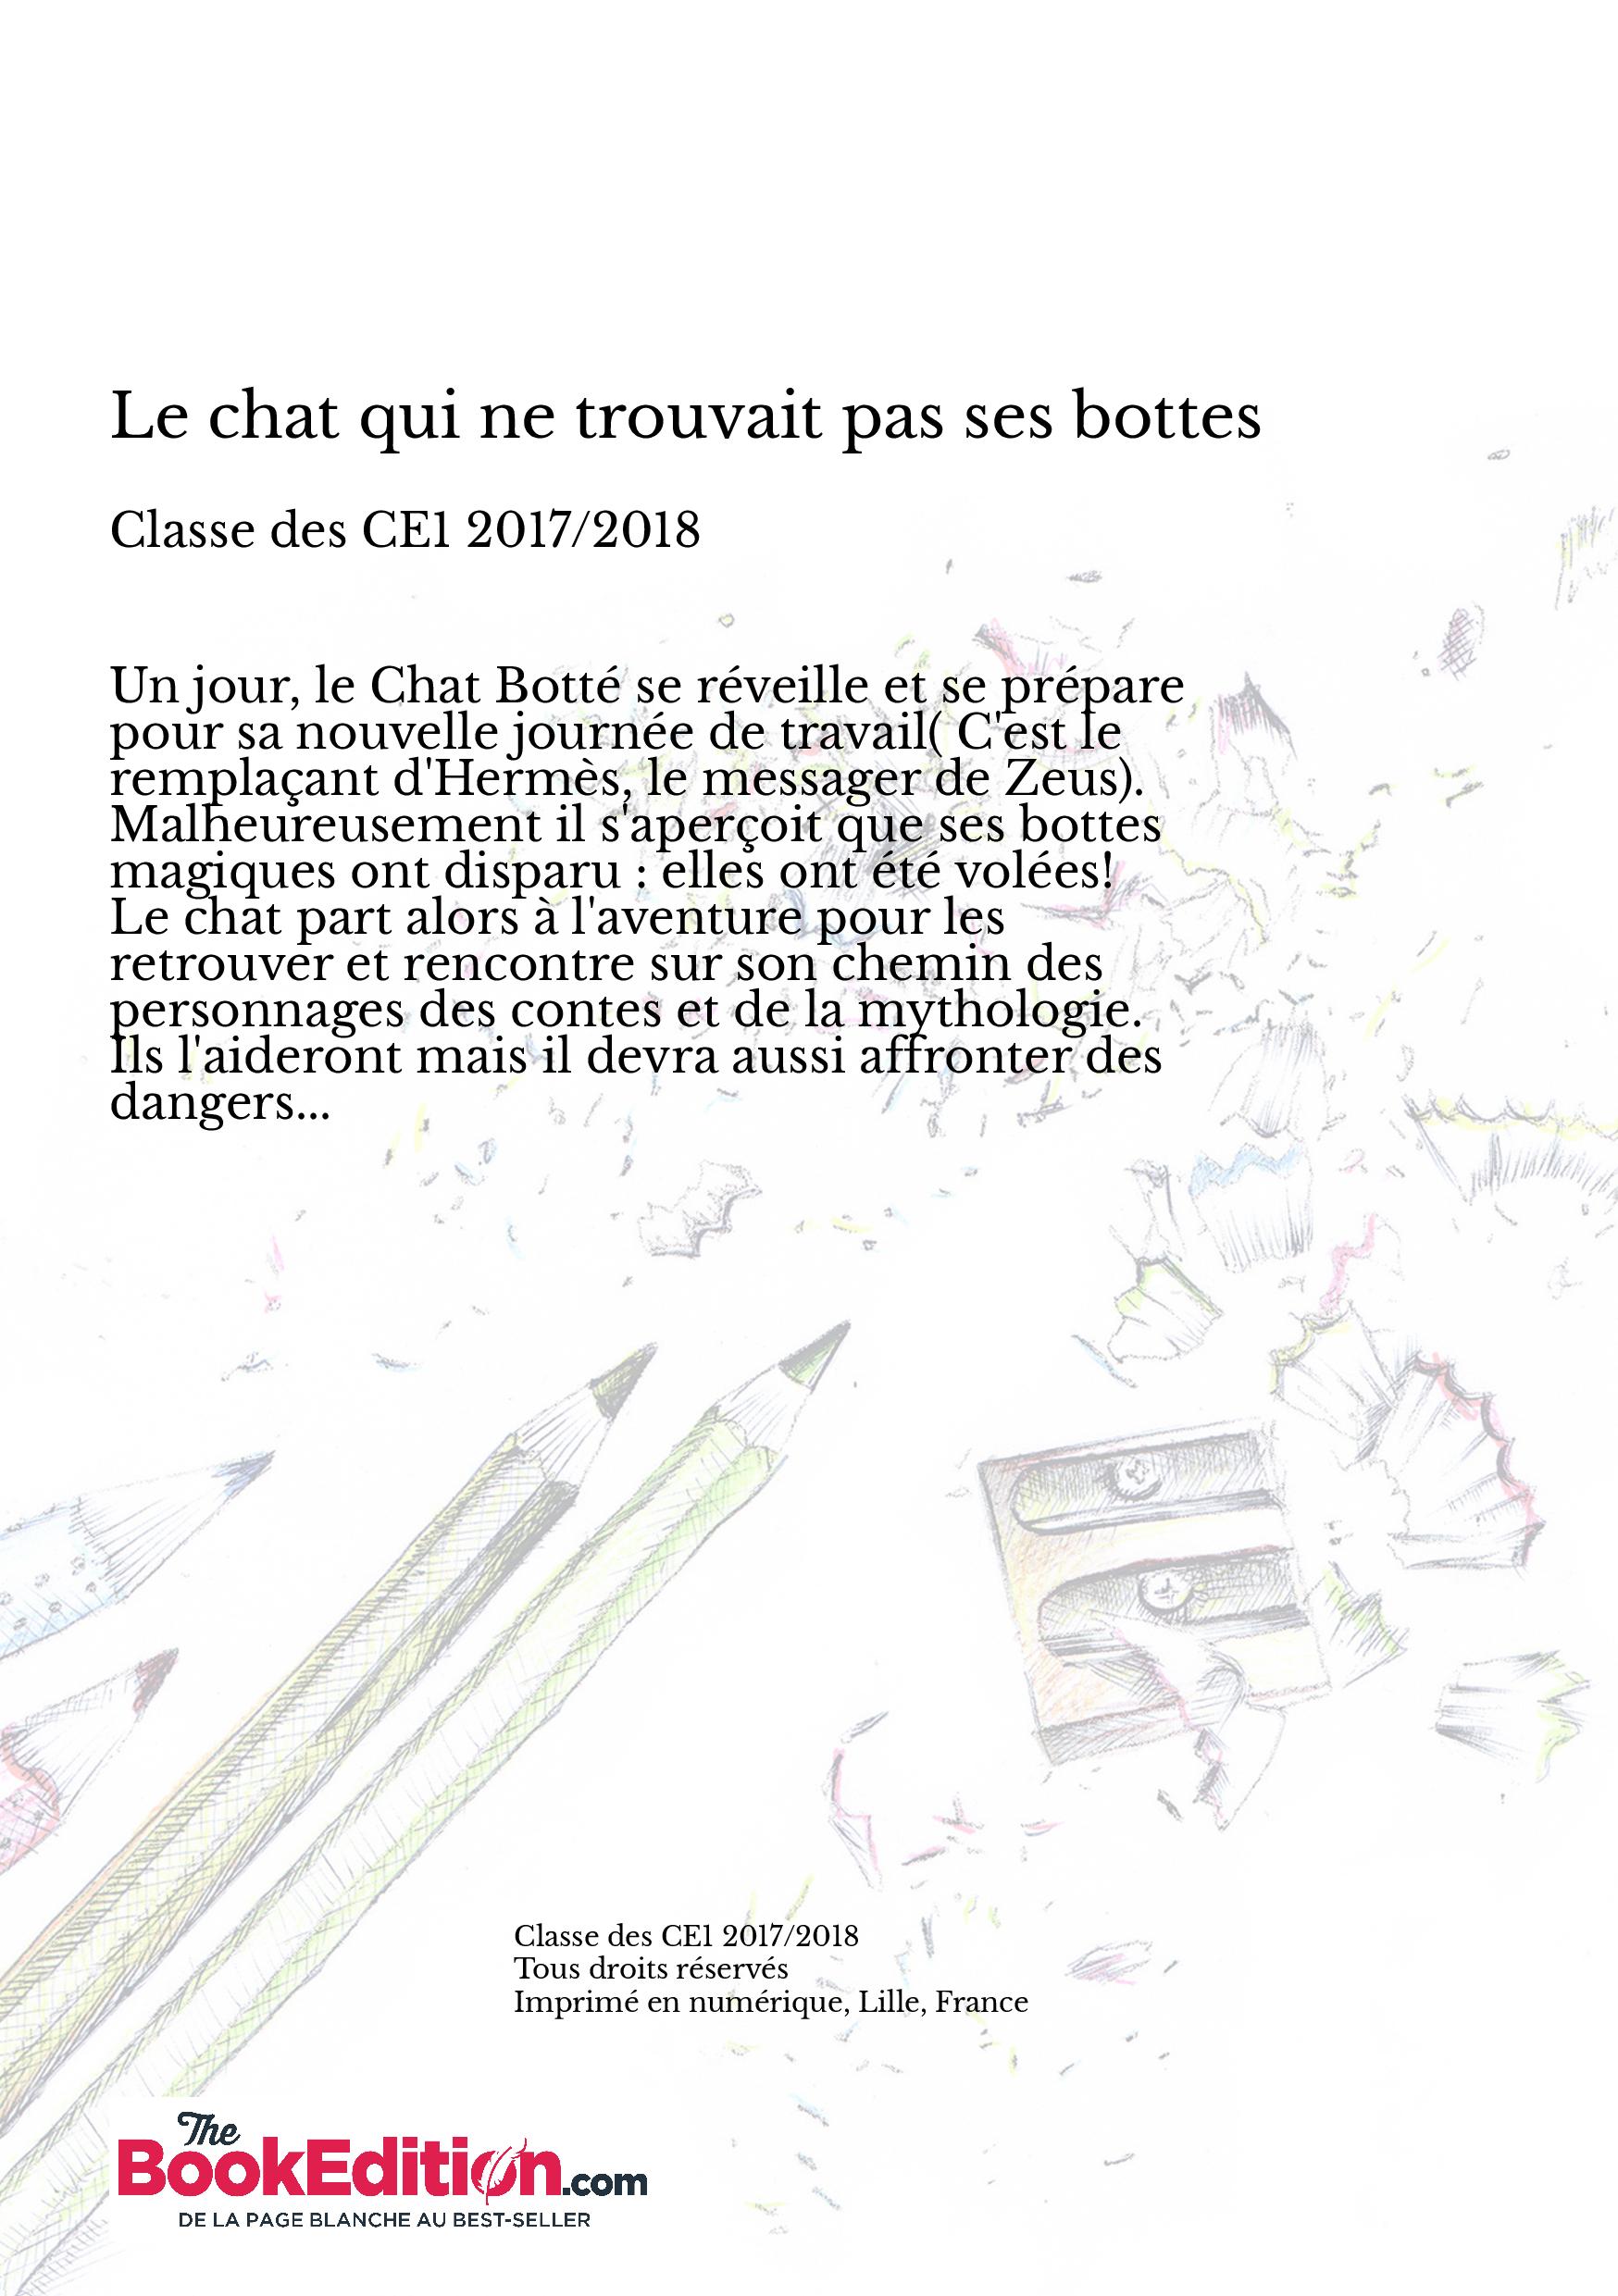 Le Chat Qui Ne Trouvait Pas Ses Bottes Classe Ce1 2017 2018